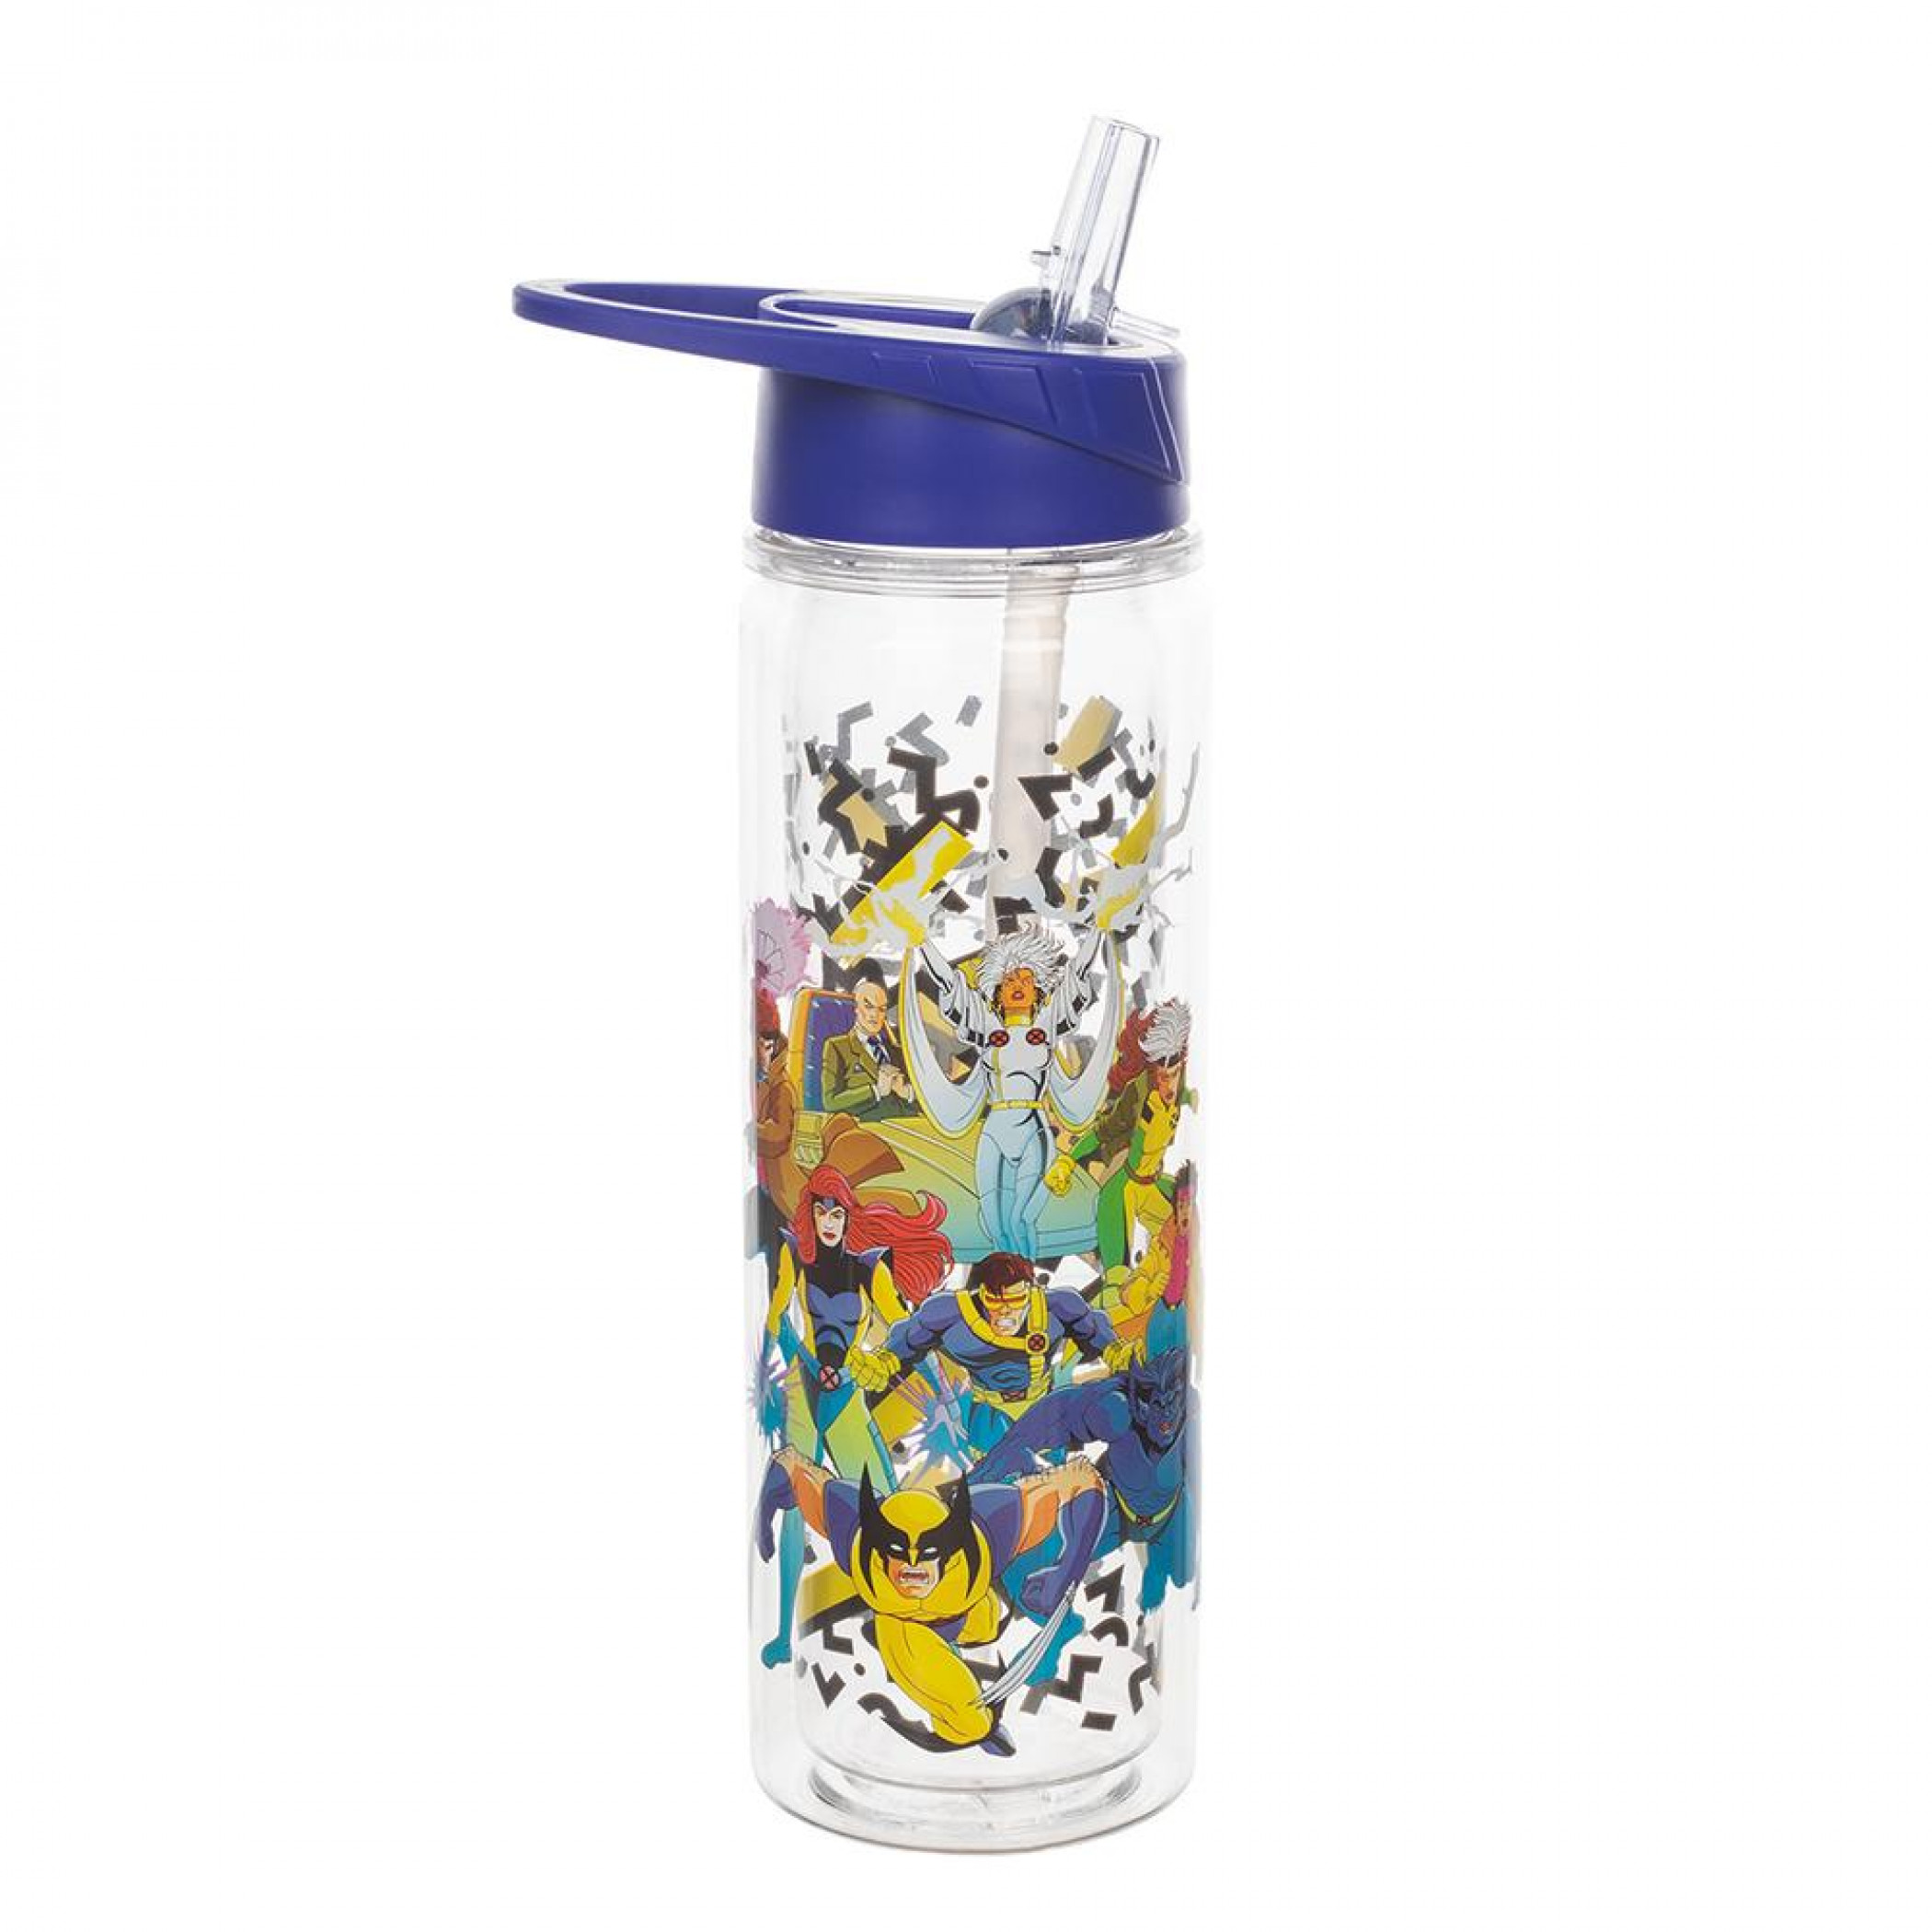 Marvel X-Men 16 oz. Double-Wall Tritan Water Bottle